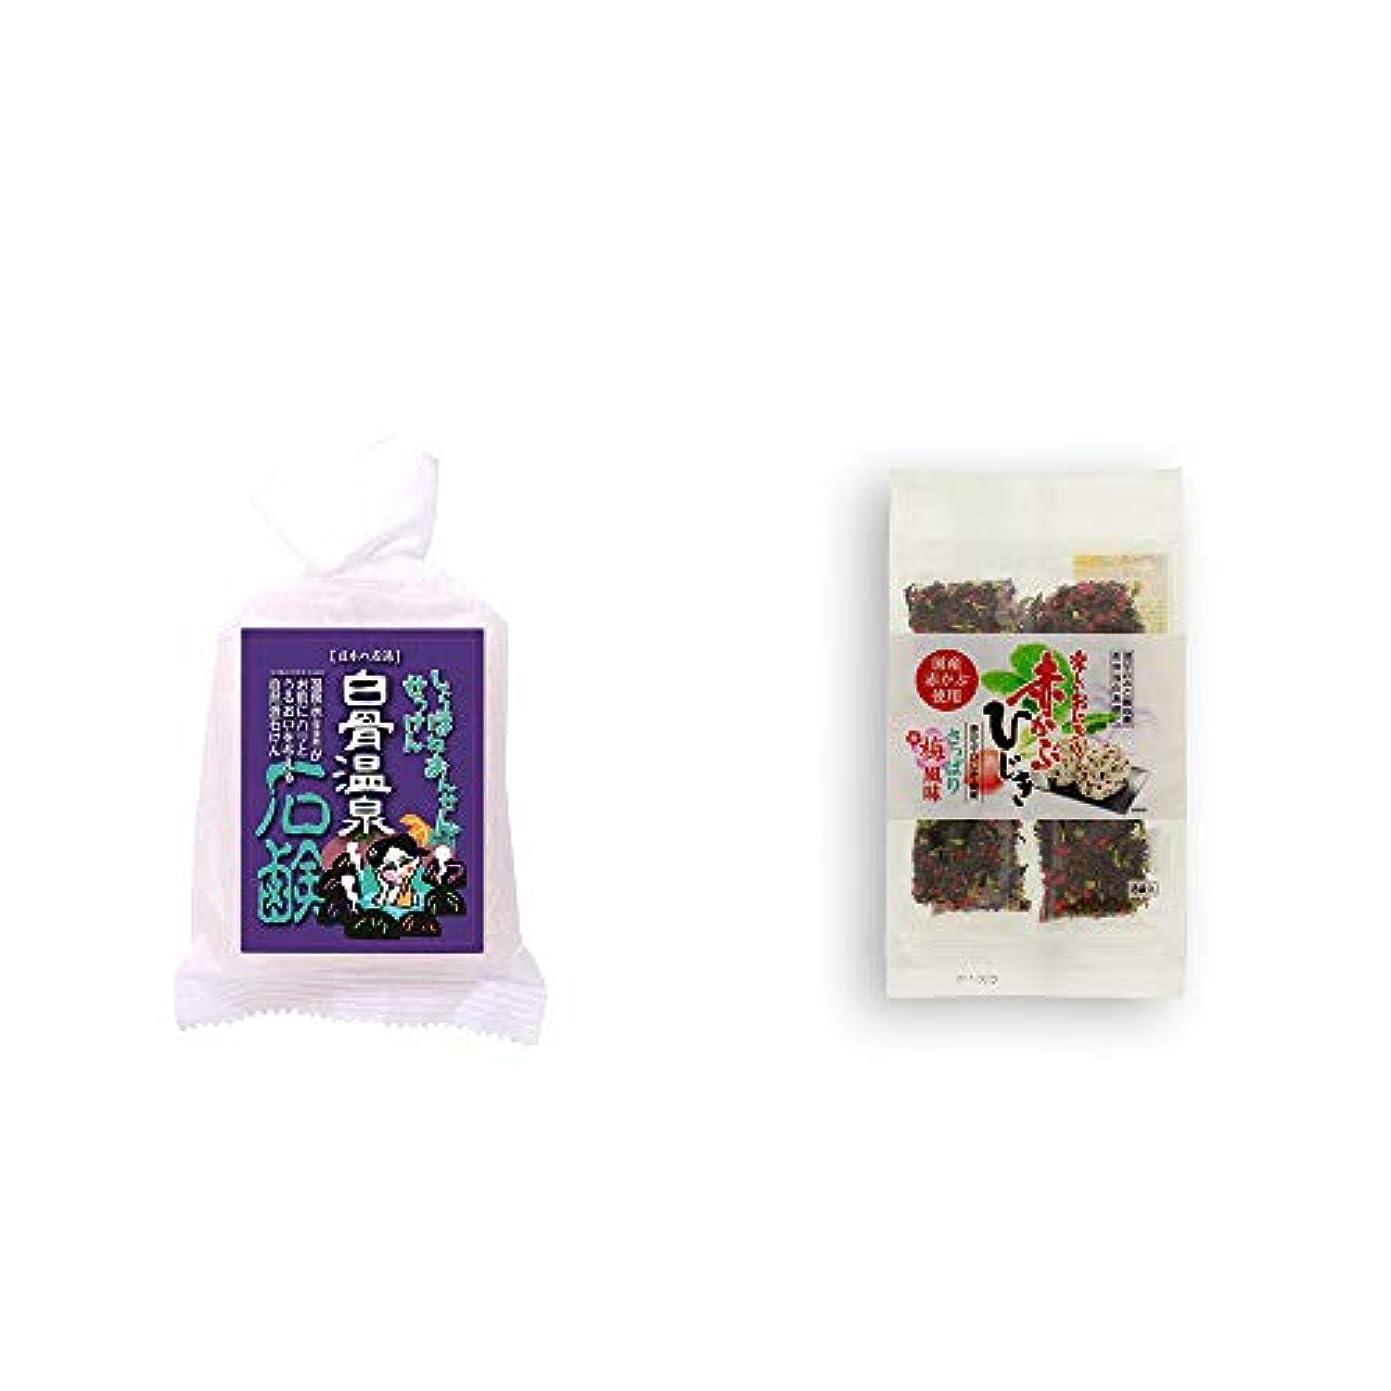 モンスター申請中抗議[2点セット] 信州 白骨温泉石鹸(80g)?楽しいおにぎり 赤かぶひじき(8g×8袋)